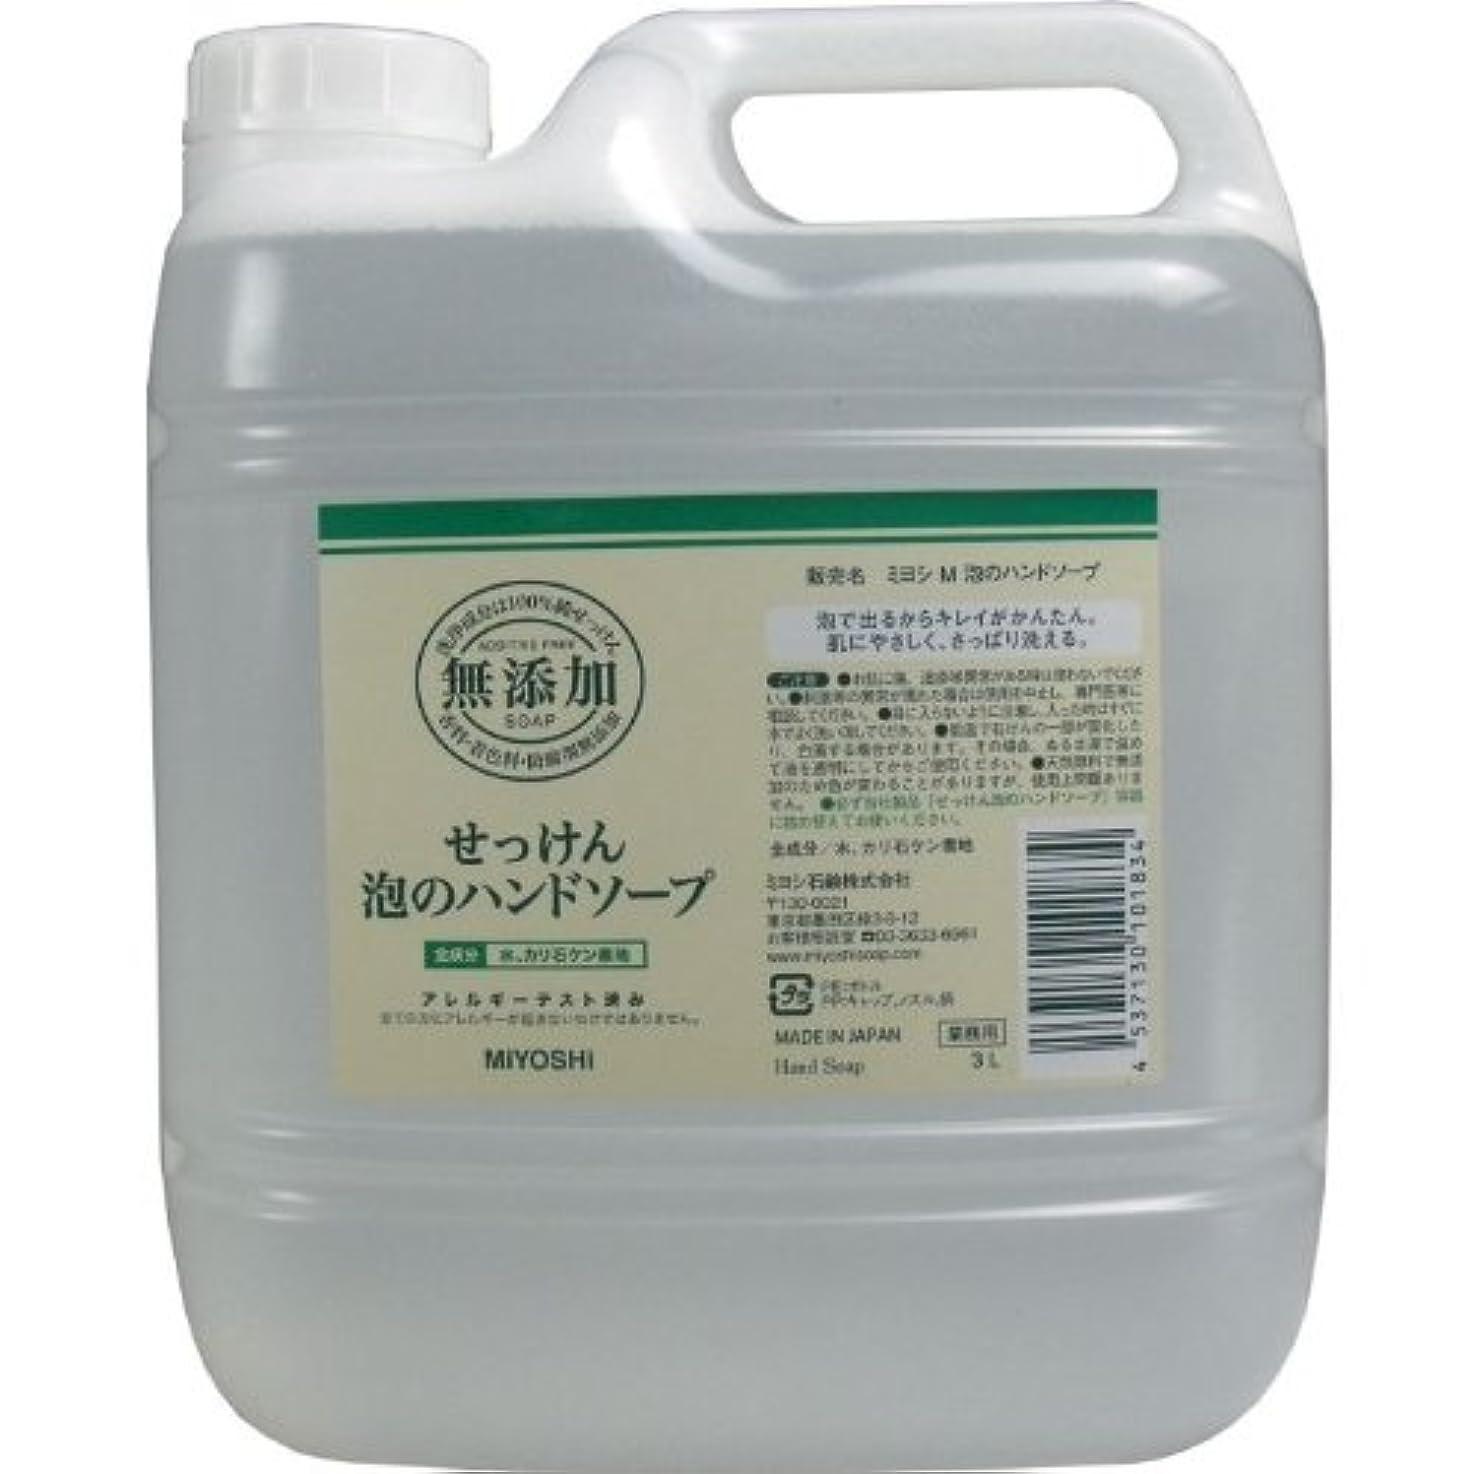 懐疑的無駄だ留まる泡で出るからキレイが簡単!家事の間のサッと洗いも簡単!香料、着色料、防腐剤無添加!(業務用)3L【5個セット】